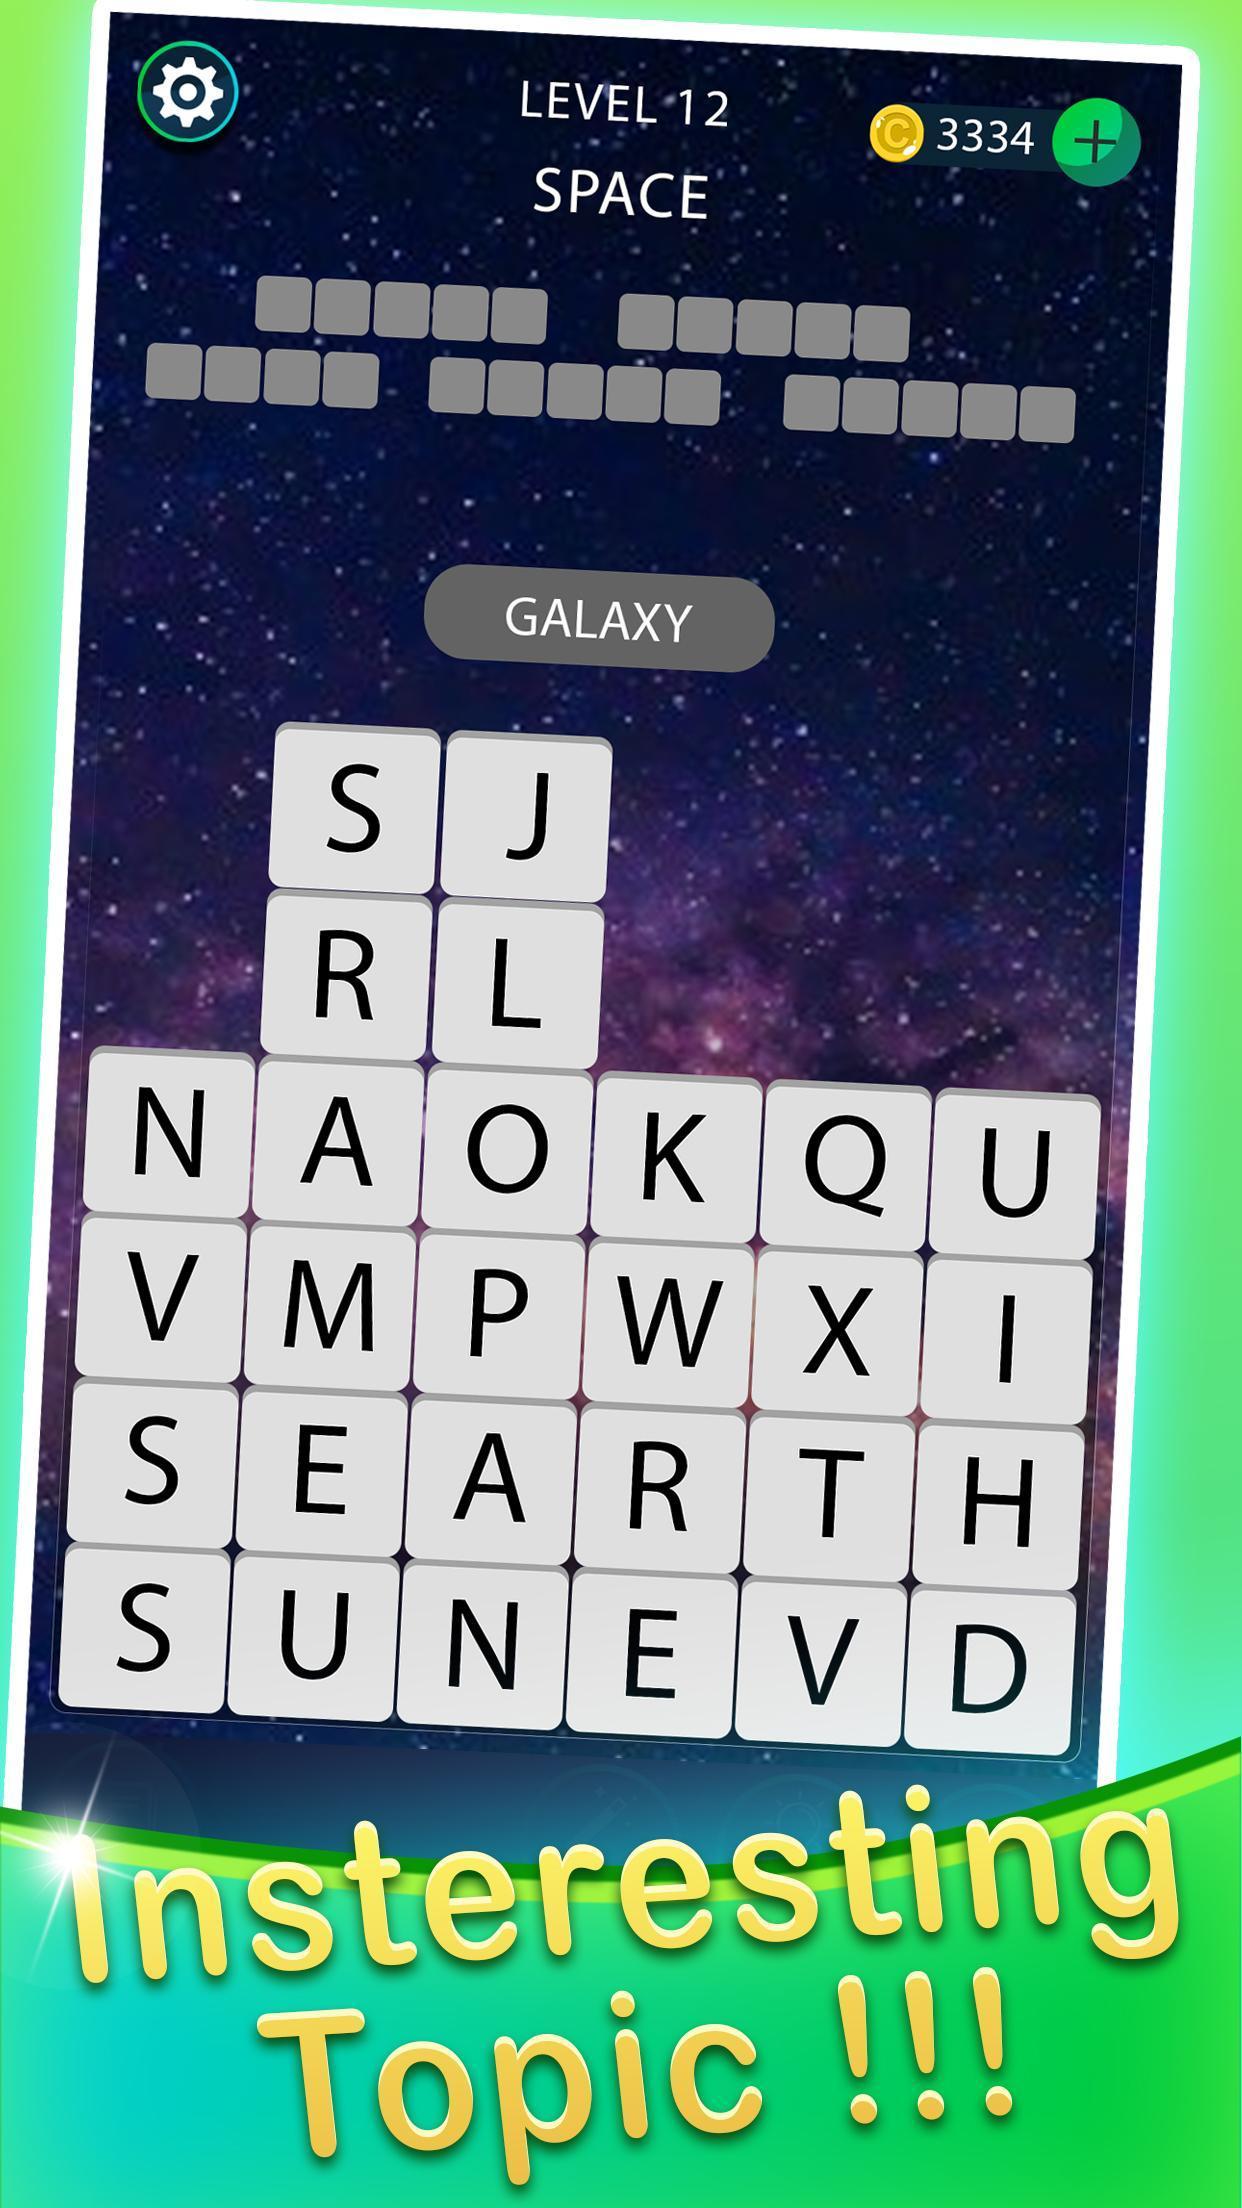 Empiler Mot Chercher - Mots Croisés Jeux Pour Android encequiconcerne Chercher Les Mots